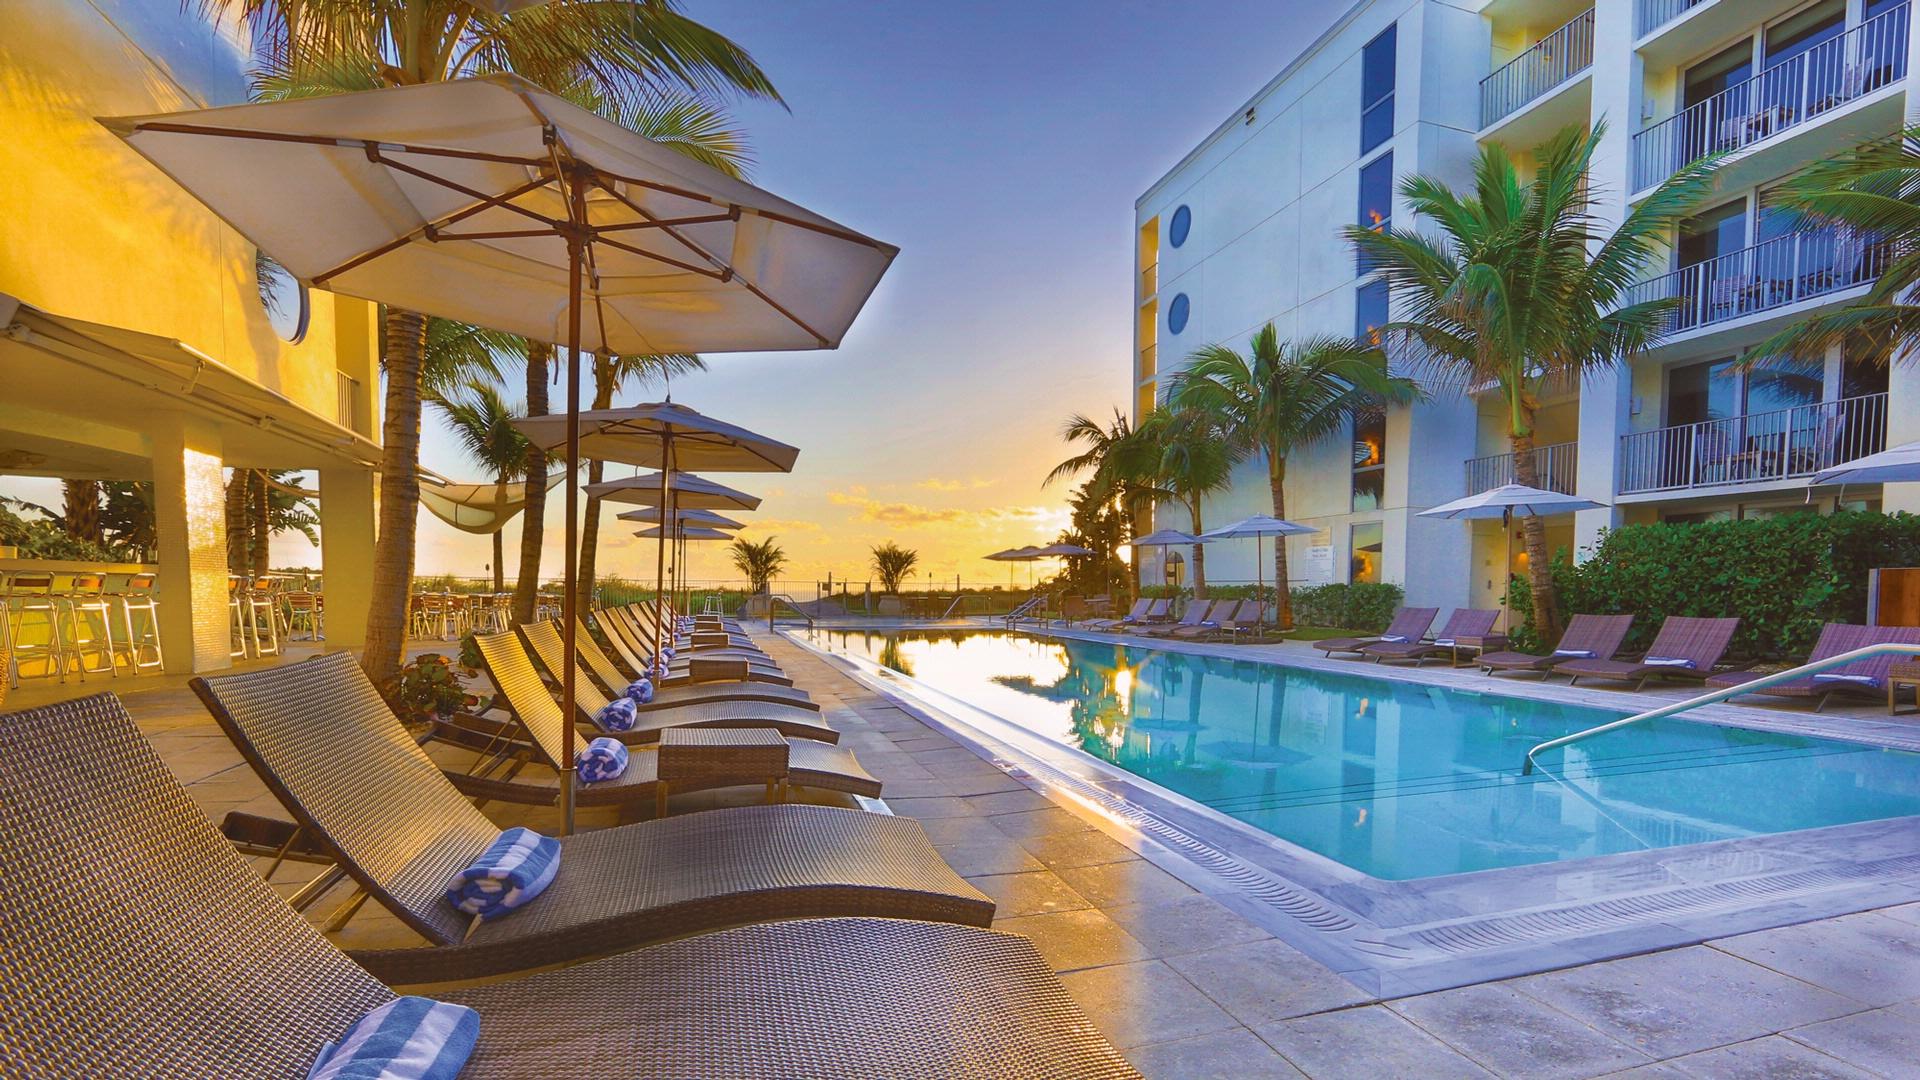 Best Kitchen Gallery: Costa D'este Beach Resort Vero Beach Fl Gemstone Collection of Vero Beach Florida Hotels And Resorts  on rachelxblog.com